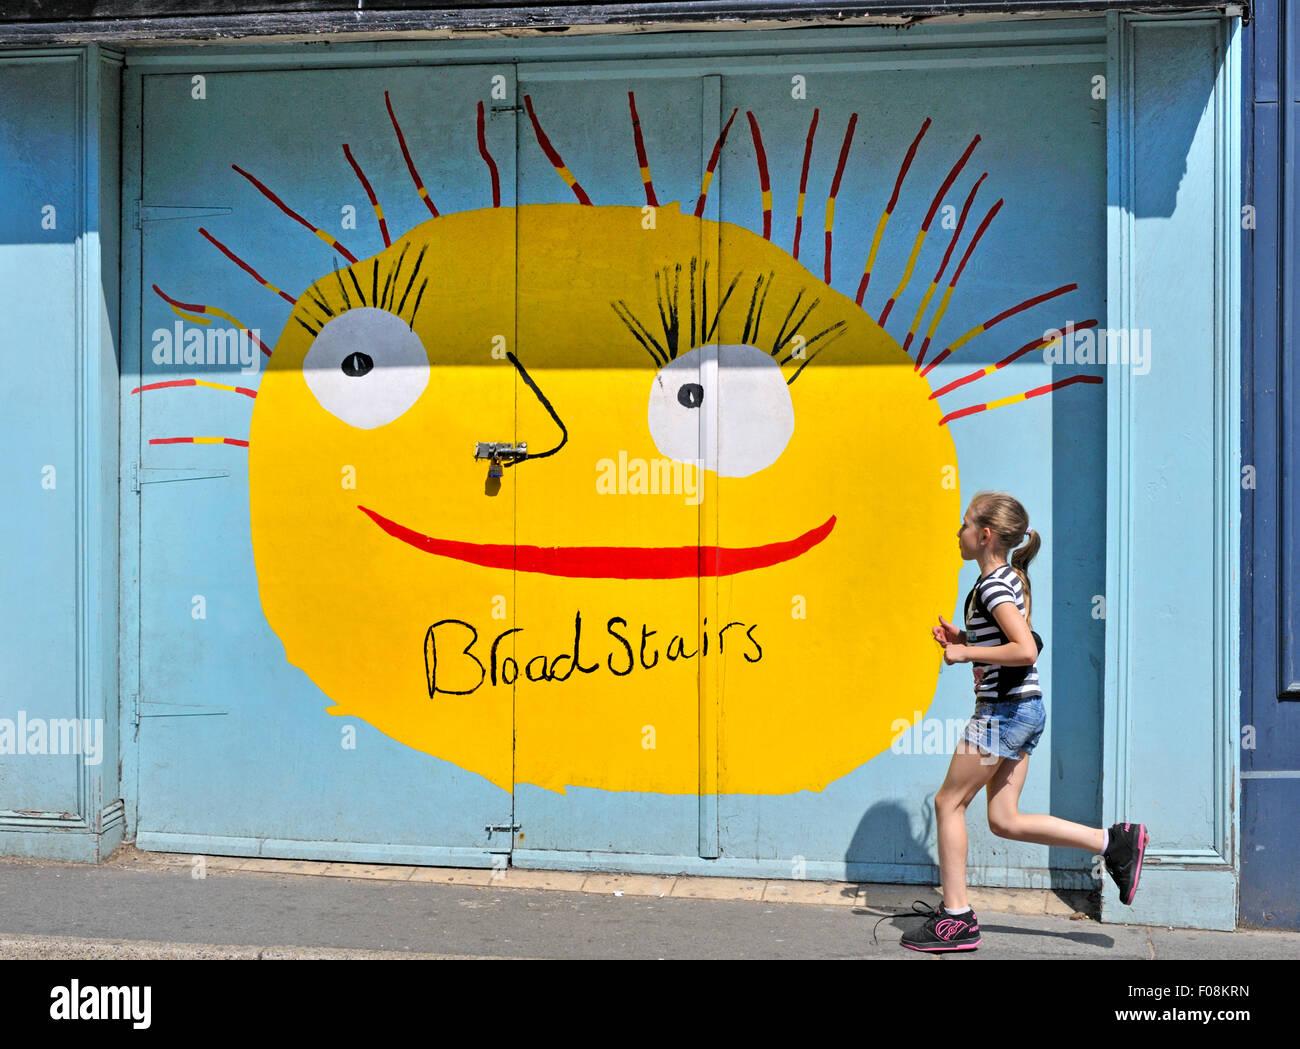 Broadstairs, Kent, Angleterre, Royaume-Uni. Jeune fille courir passé une boutique peint dans la rue Photo Stock